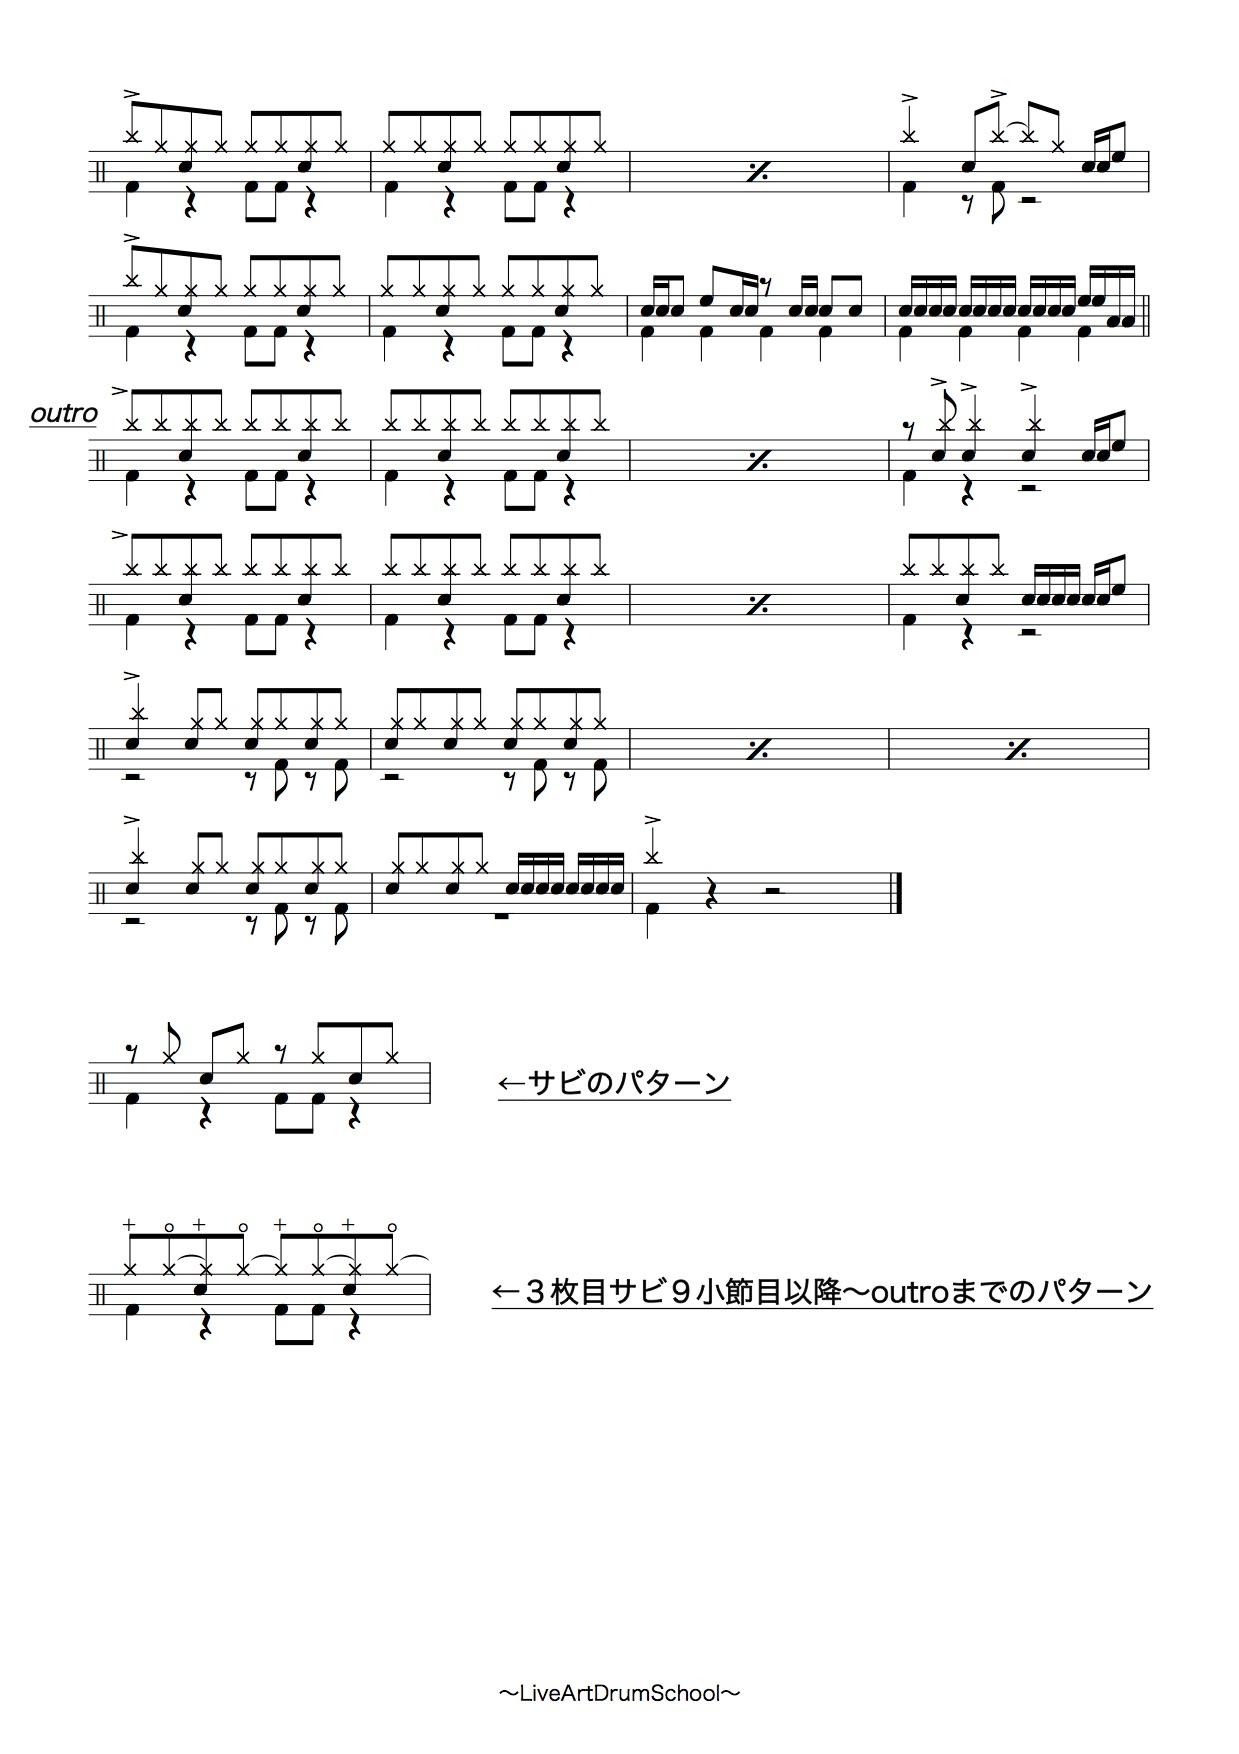 君に届け(初心者用アレンジ,ドラム譜)4